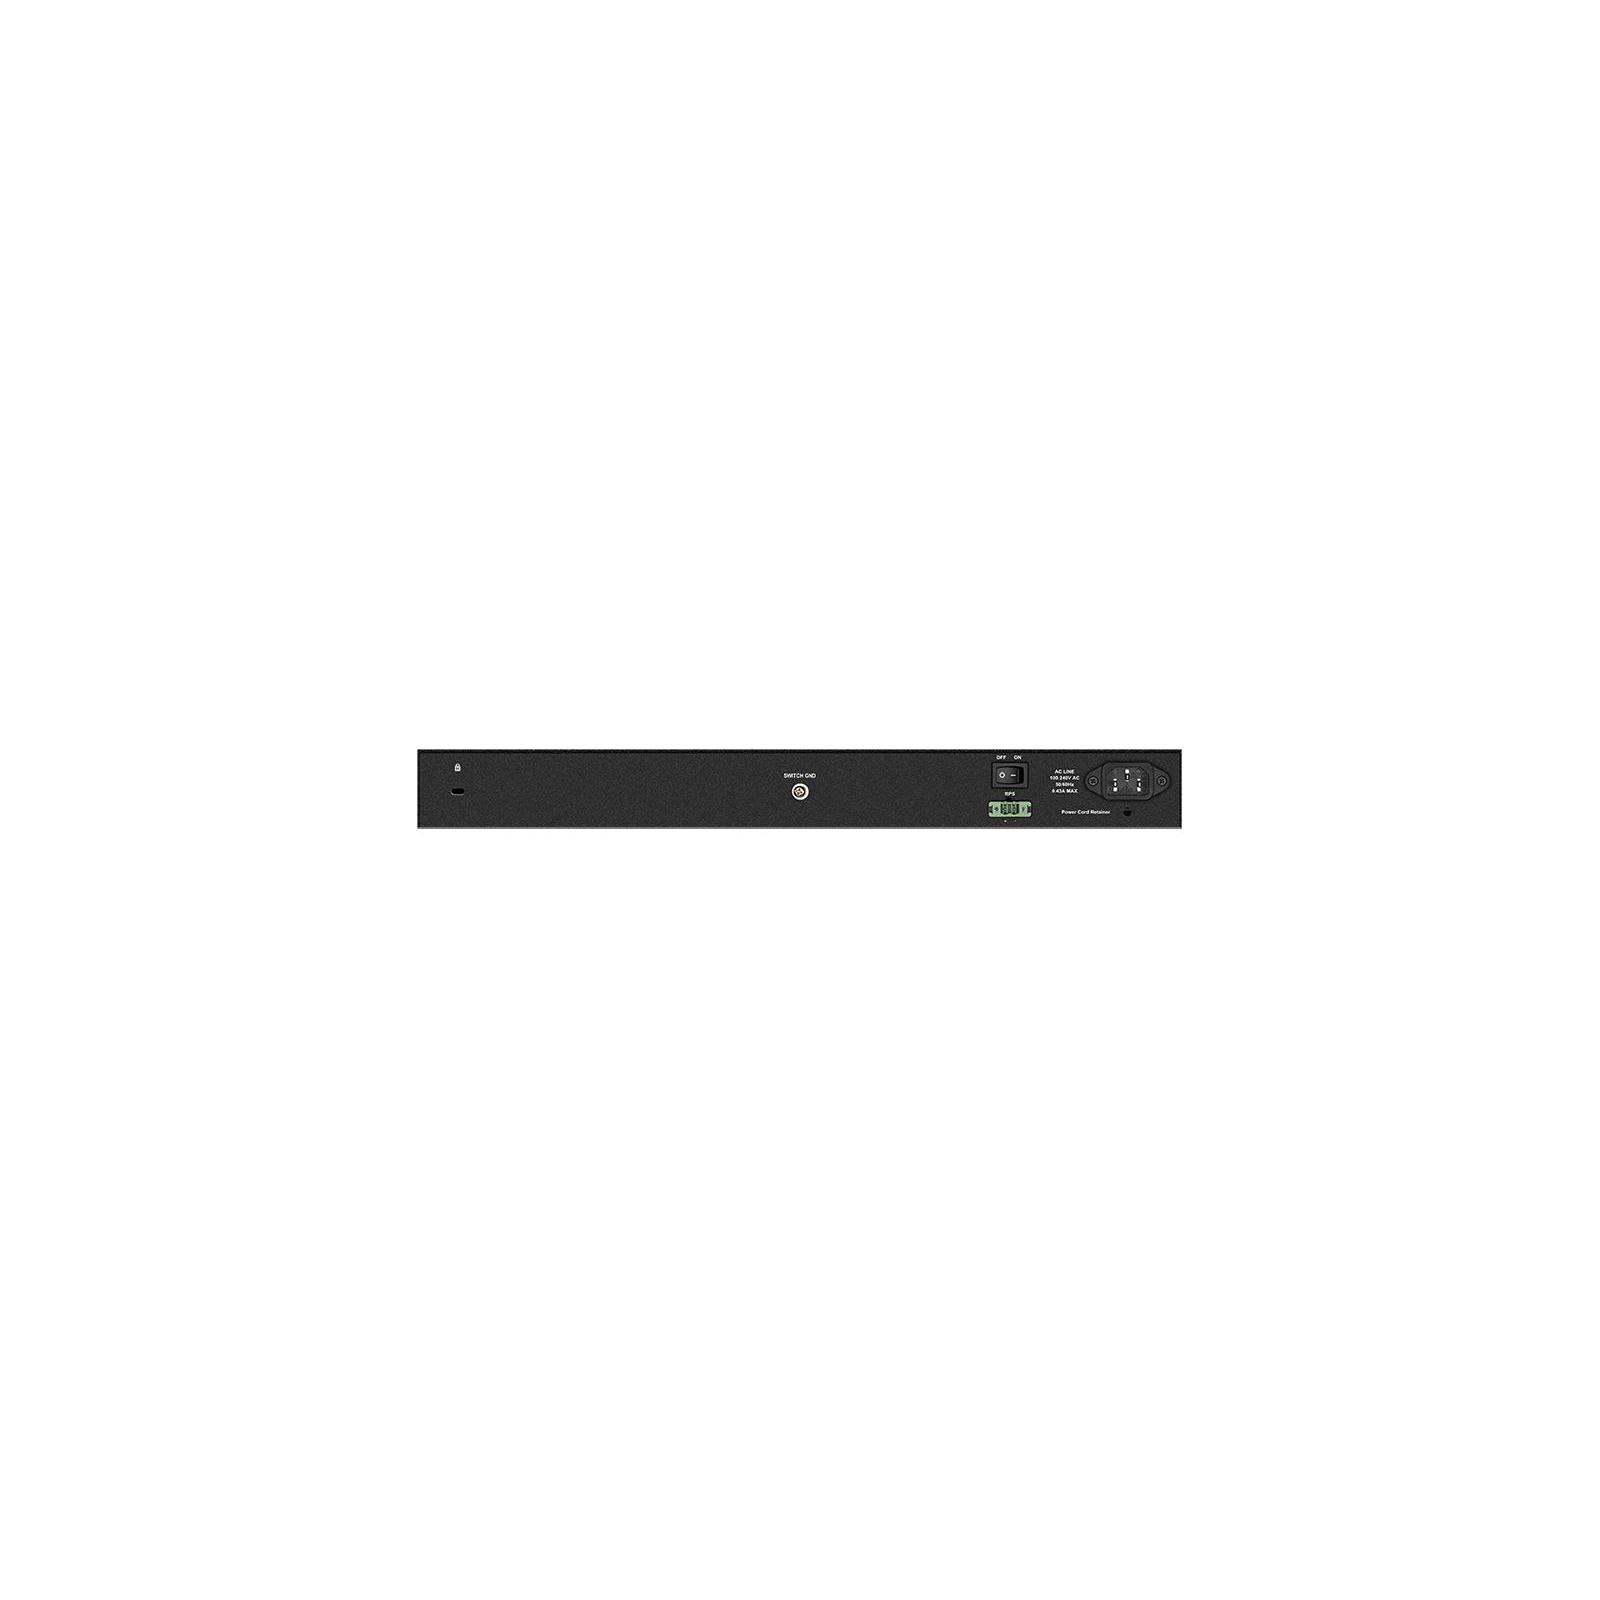 Коммутатор сетевой D-Link DGS-1210-28/ME/B изображение 2